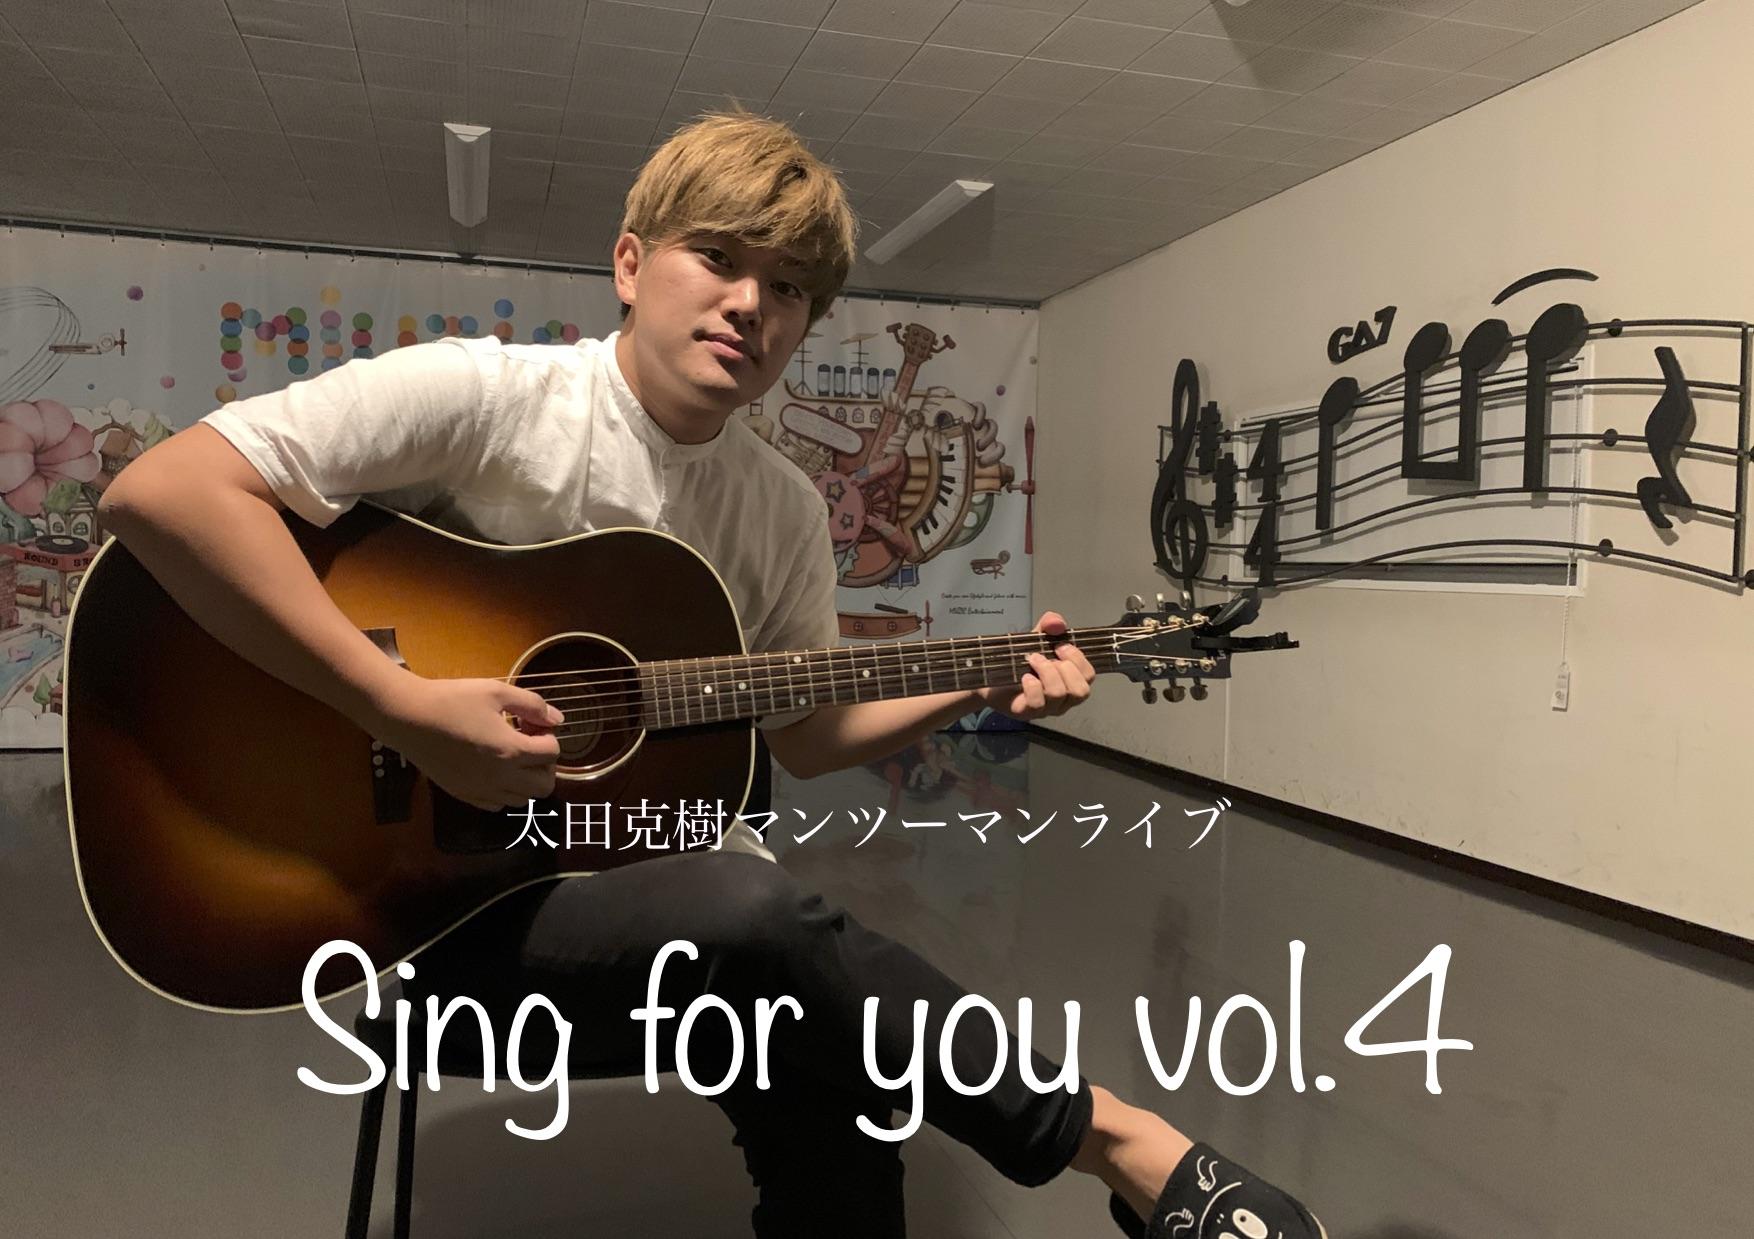 【太田克樹】12/21(月) マンツーマンライブ「Sing for you vol.4」